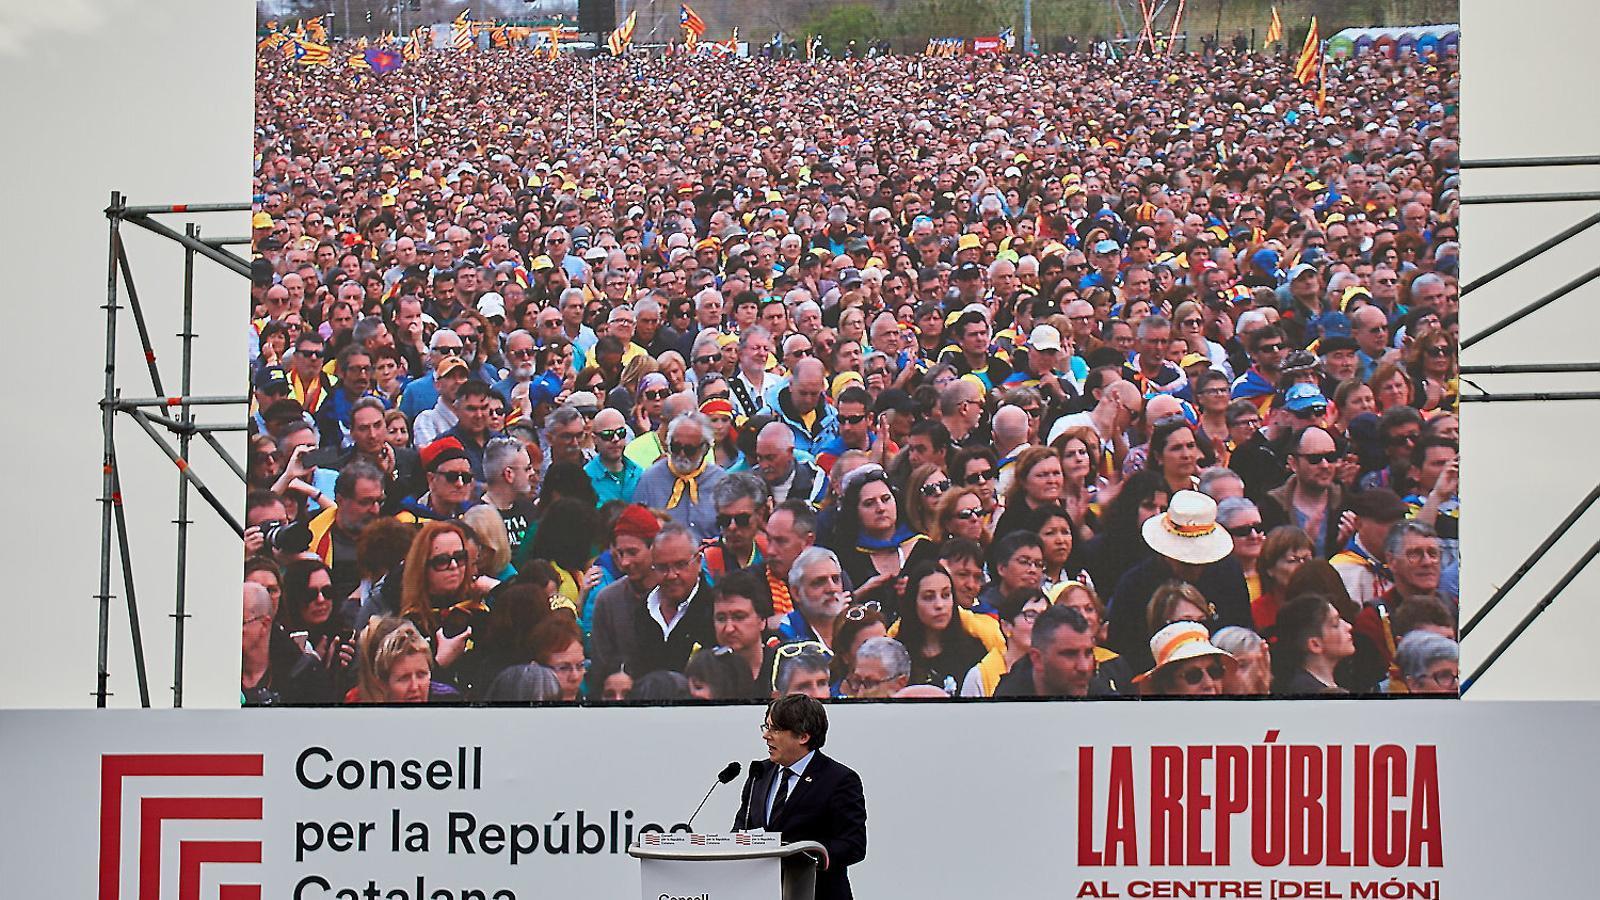 L'expresident  Carles Puigdemont en l'acte de Perpinyà del febrer passat organitzat pel Consell per la República.